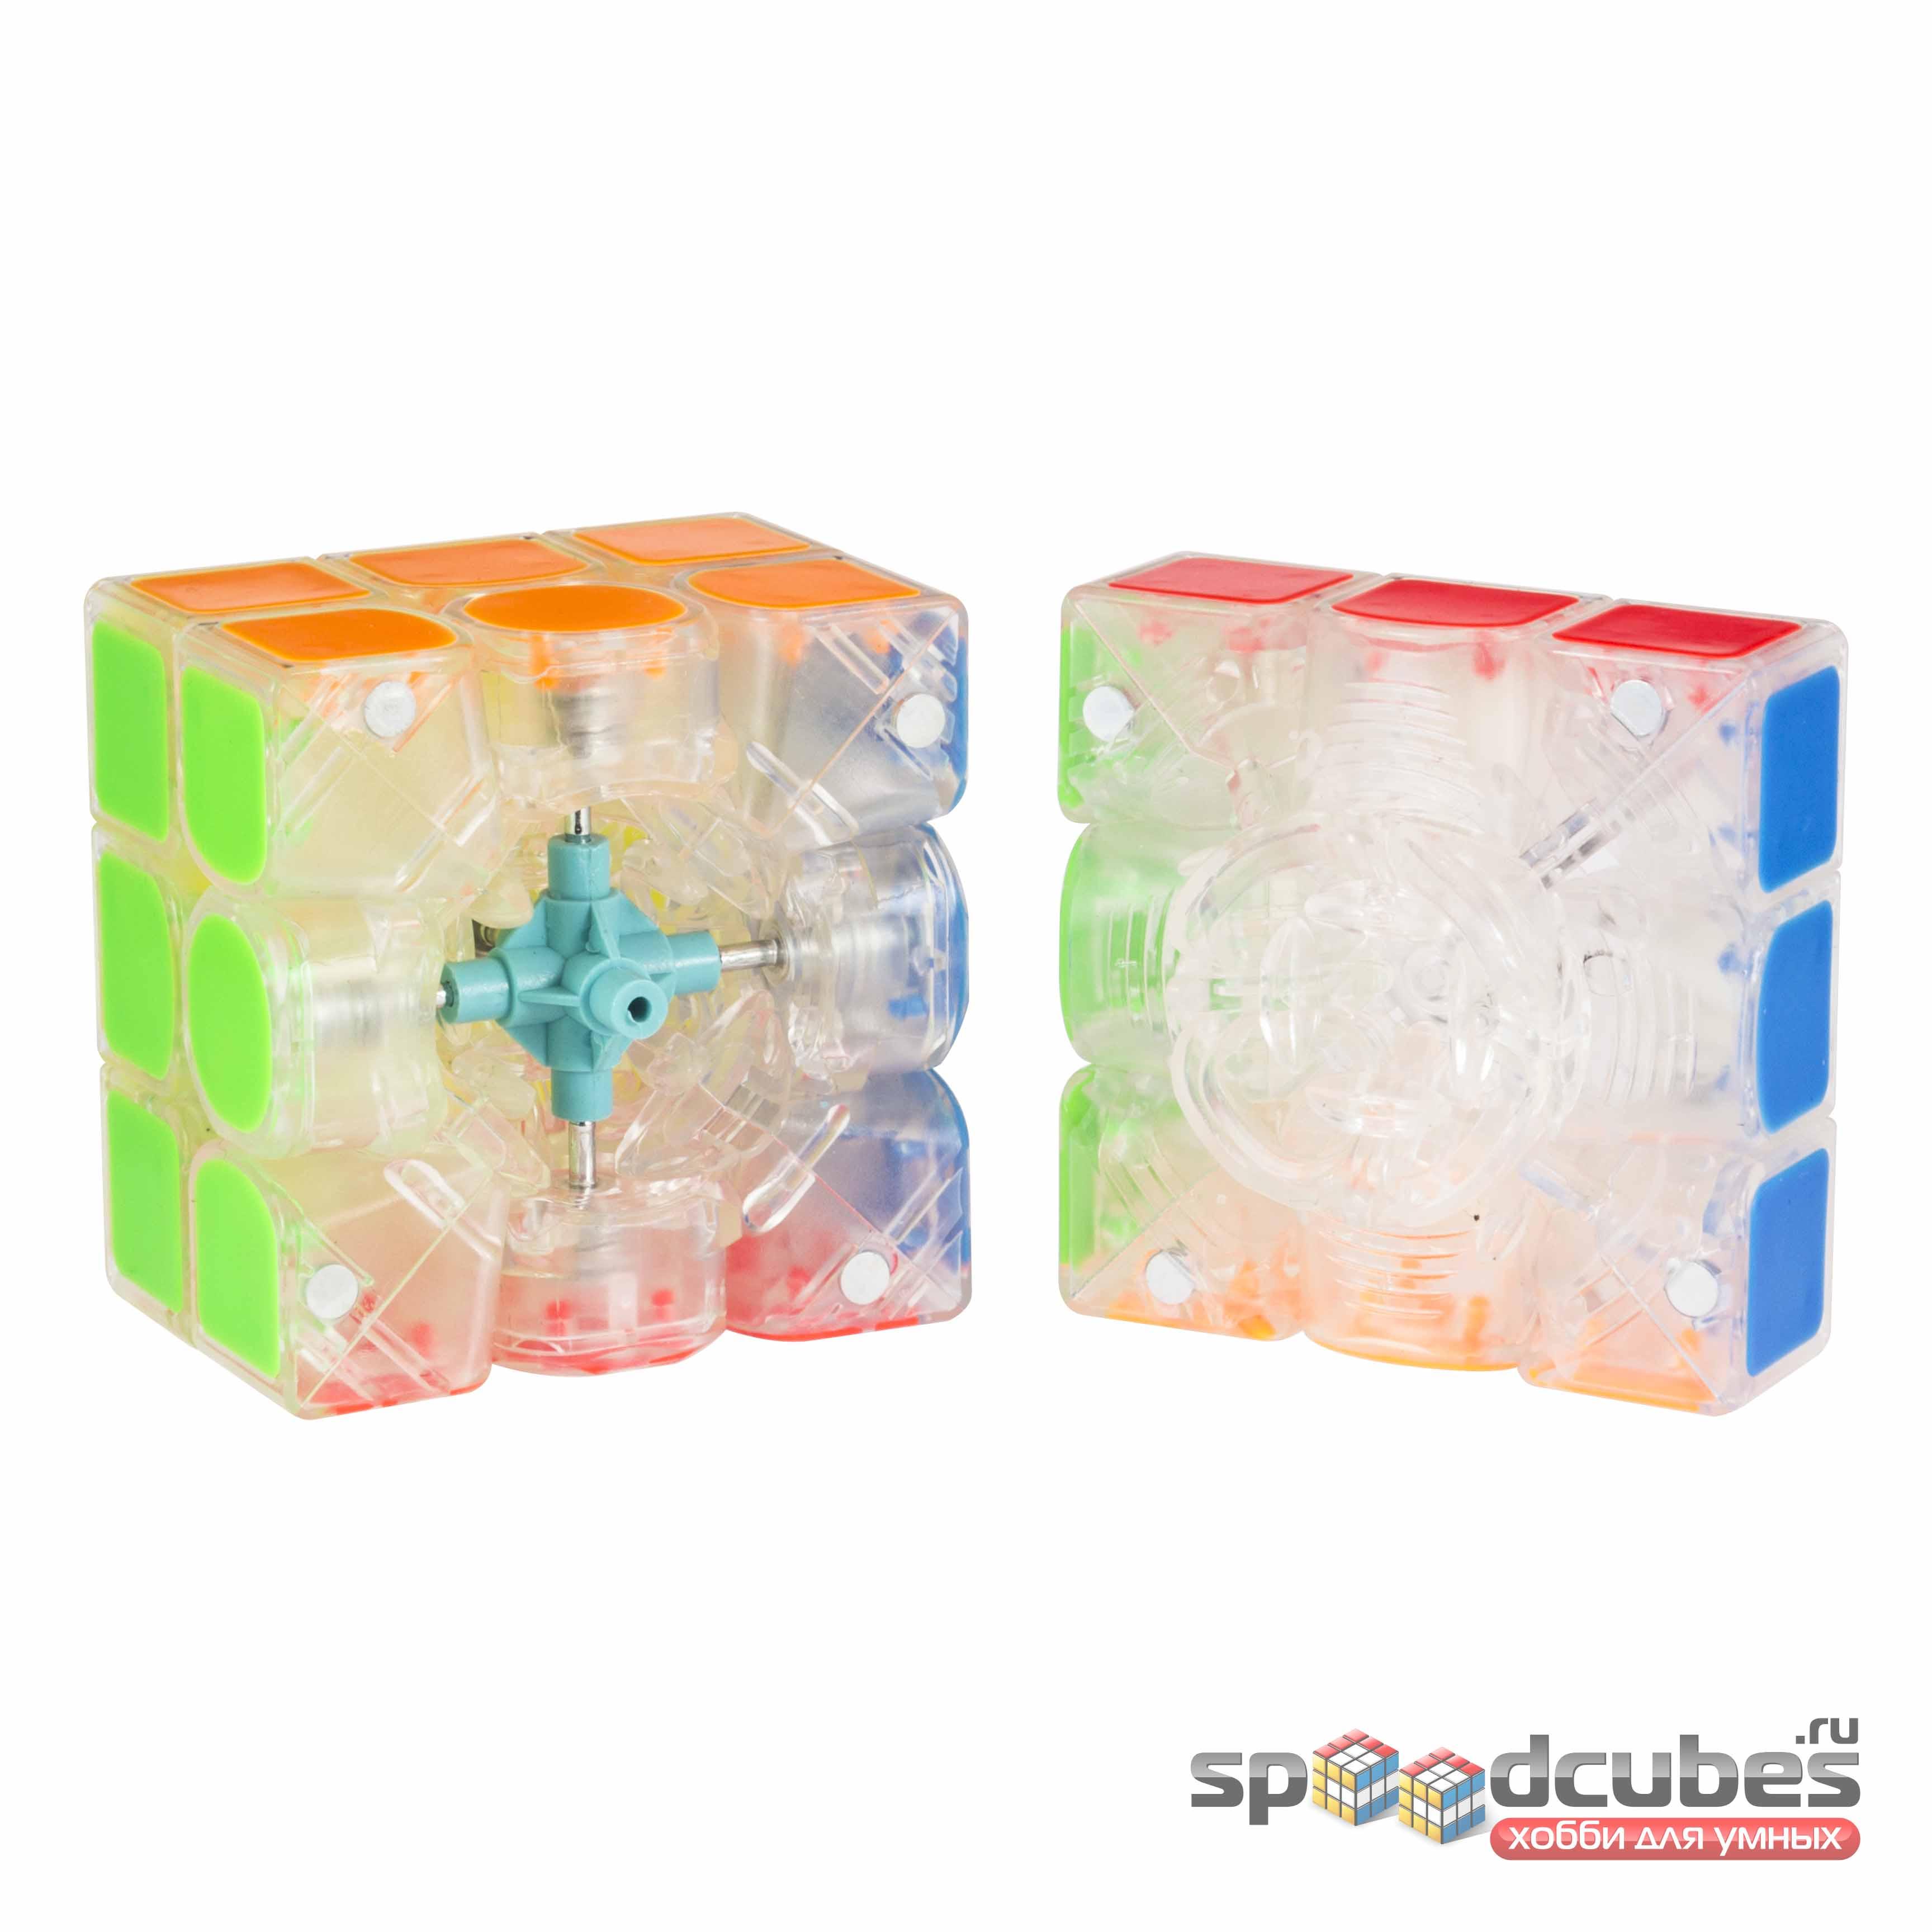 Yuxin 3x3x3 Kylin V2 M Transparent 4